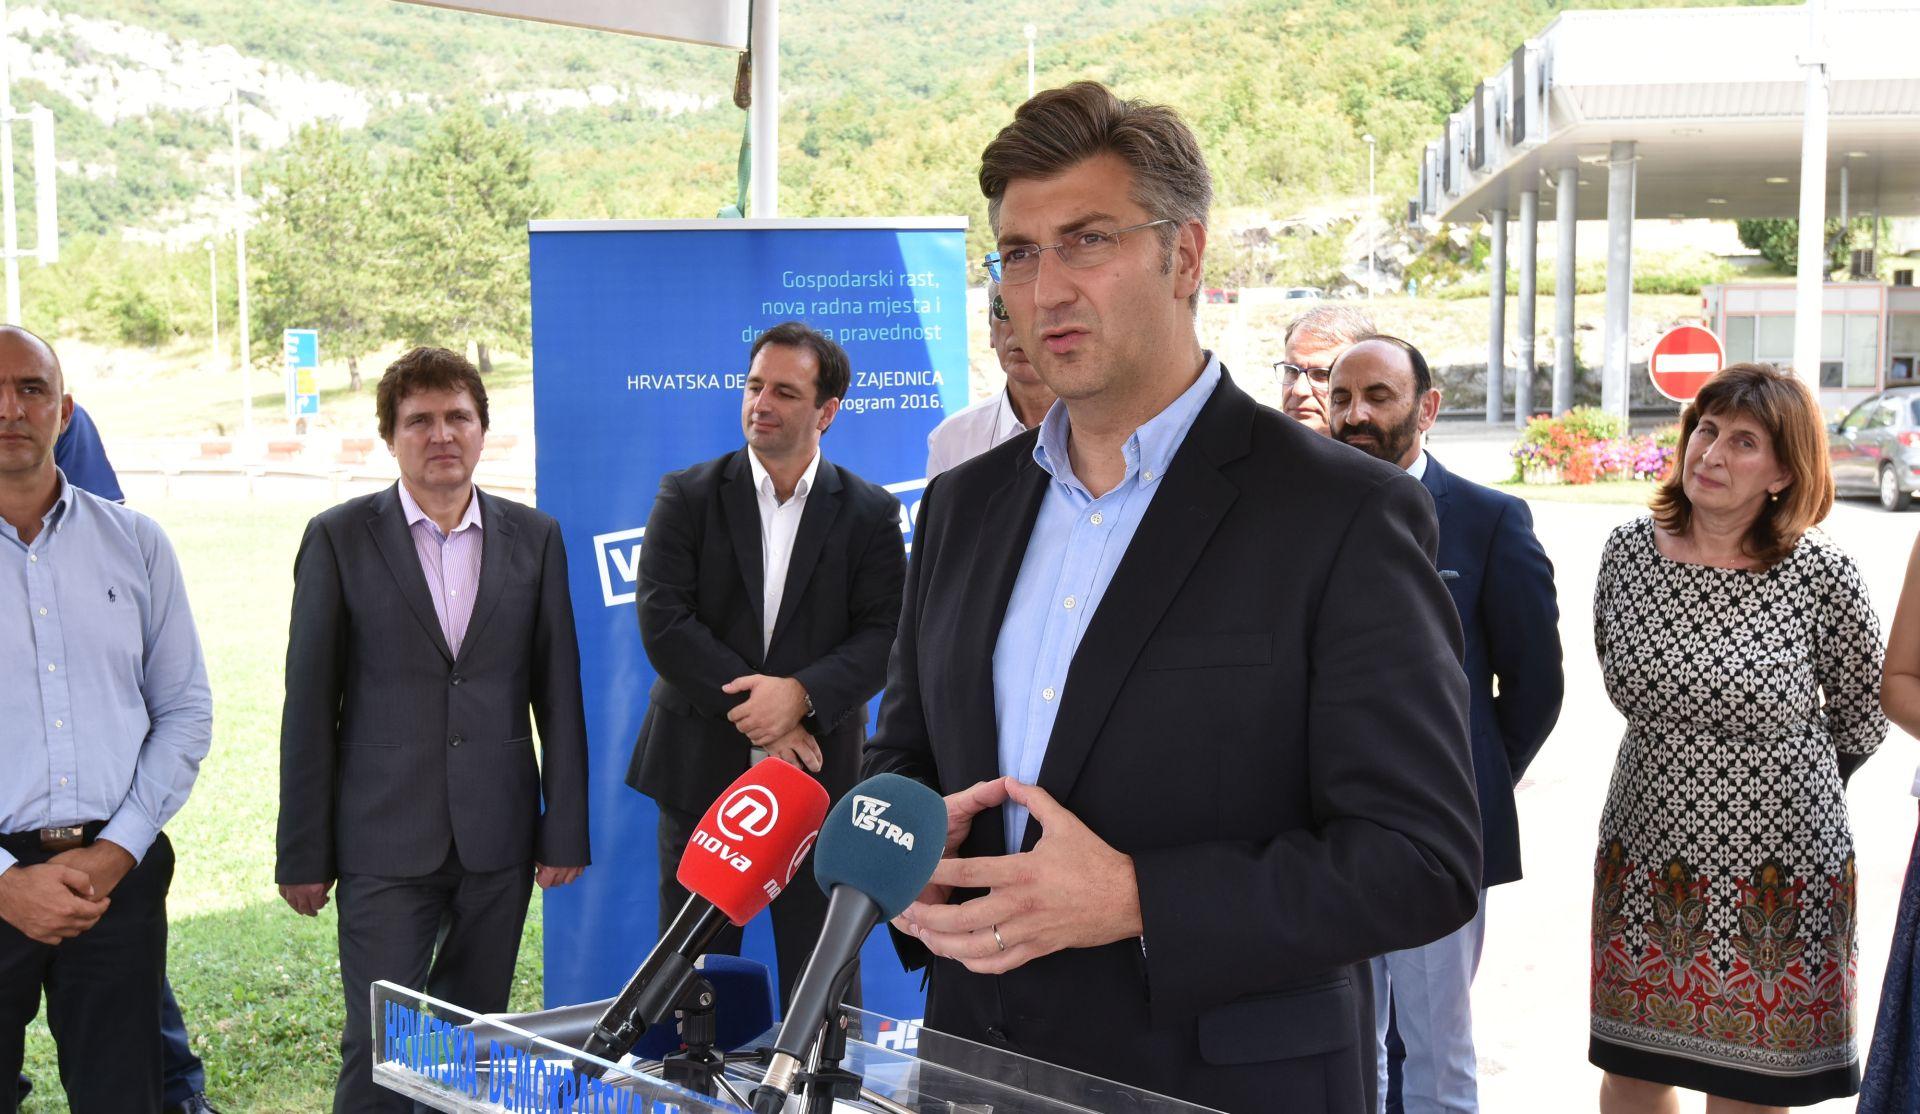 Plenković: Istra i Primorsko-goranska županija jednako su nam važni kao i drugi dijelovi Hrvatske